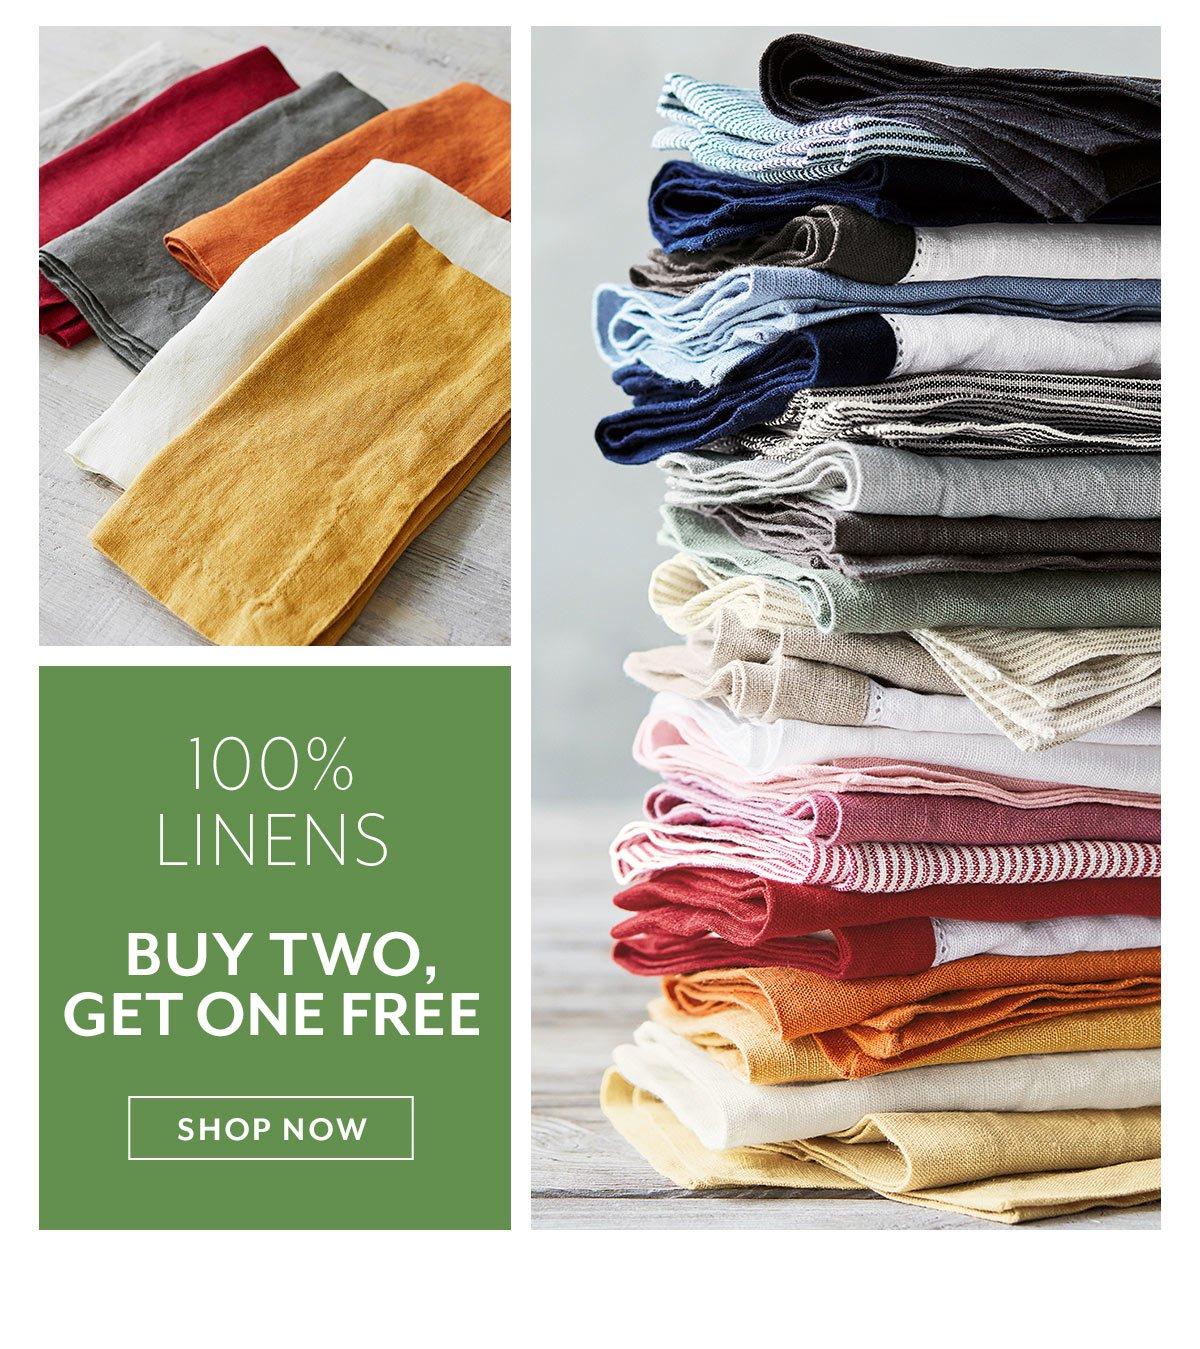 100% Linens